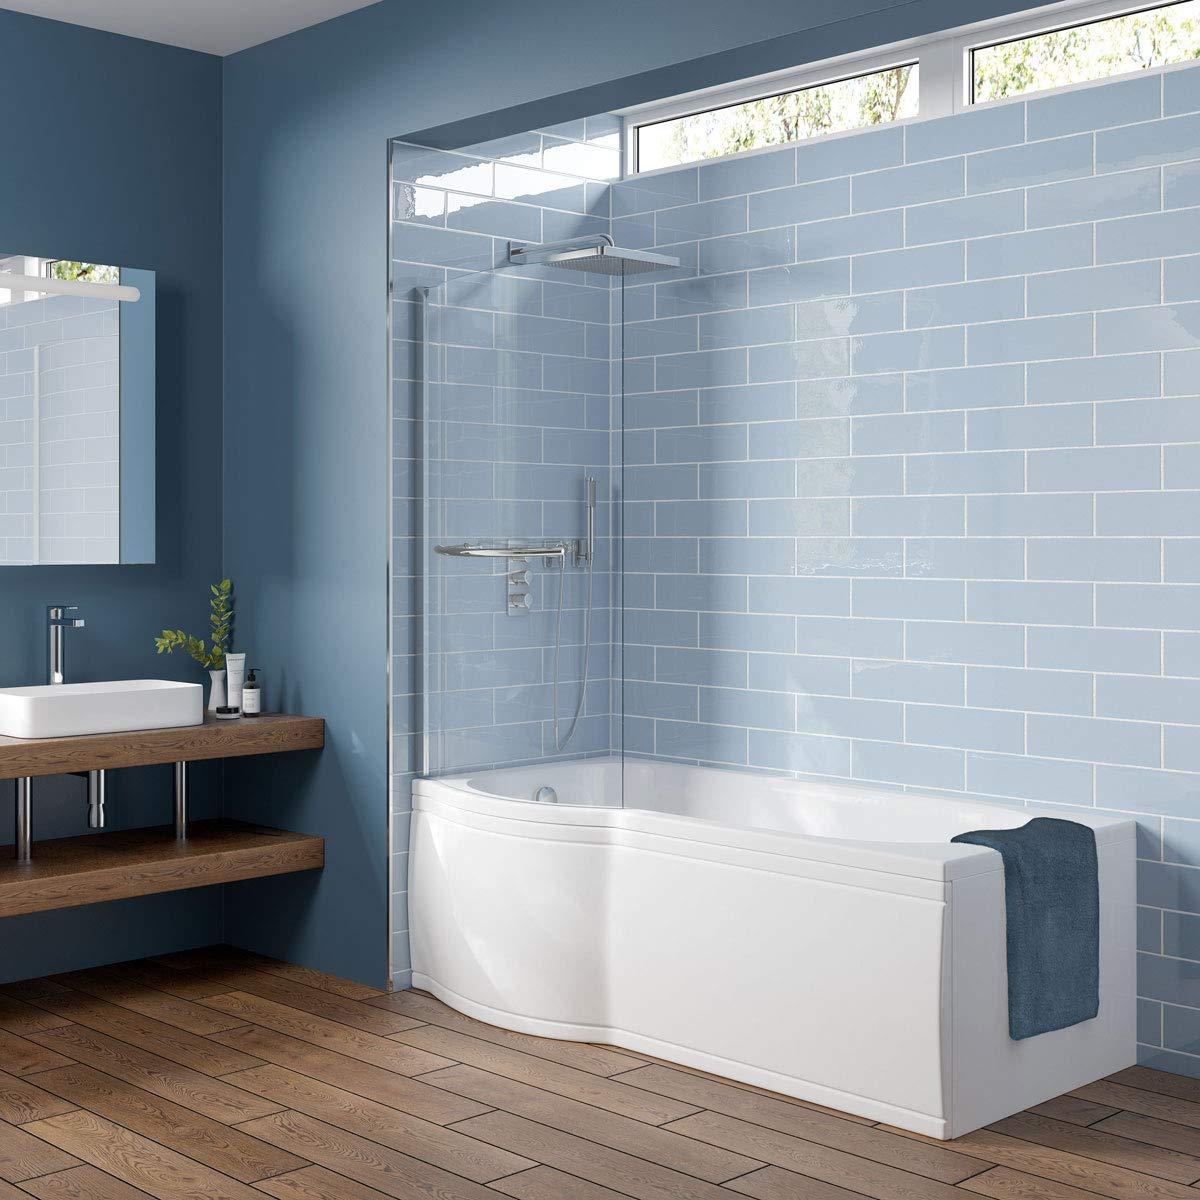 Trojancast Concert Reinforced P Shape Shower Bath 1675 X 850 With